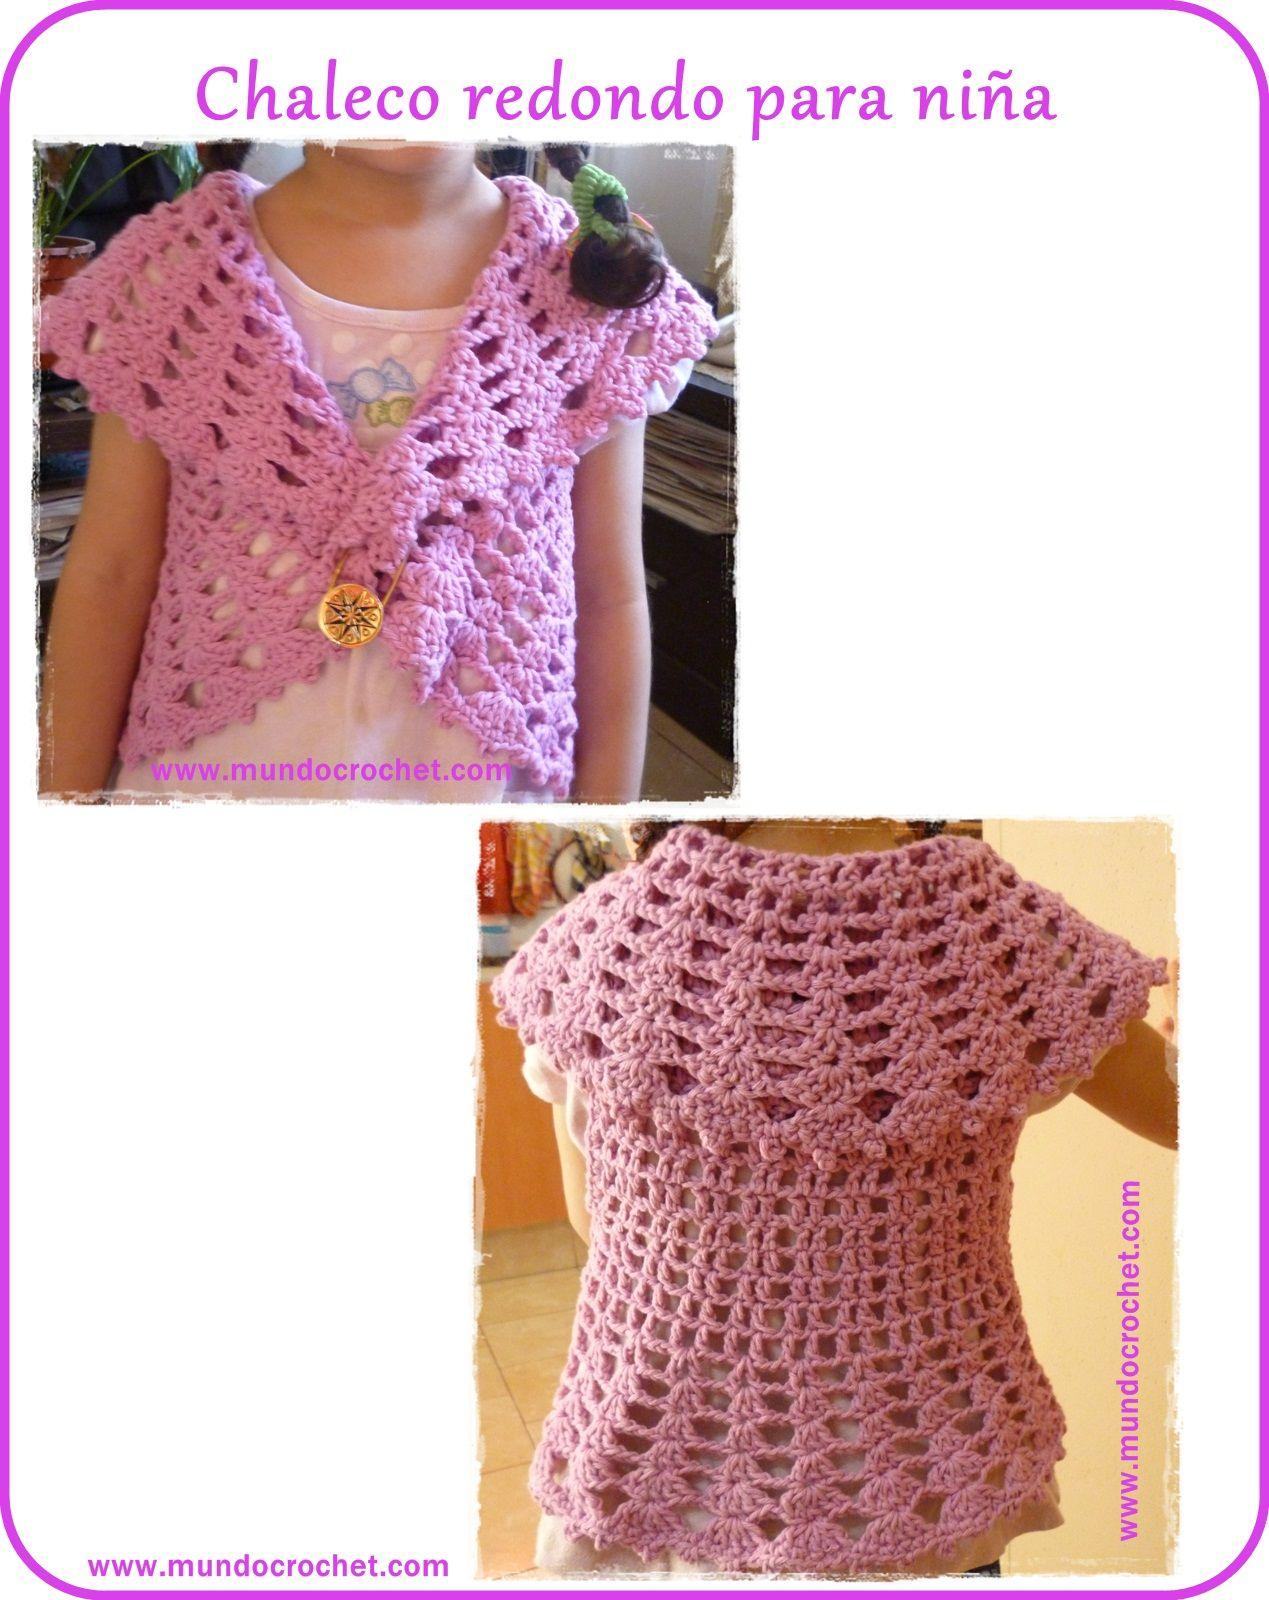 Chaleco redondo a crochet para ni a chaleco redondo a - Labores de crochet para bebes ...